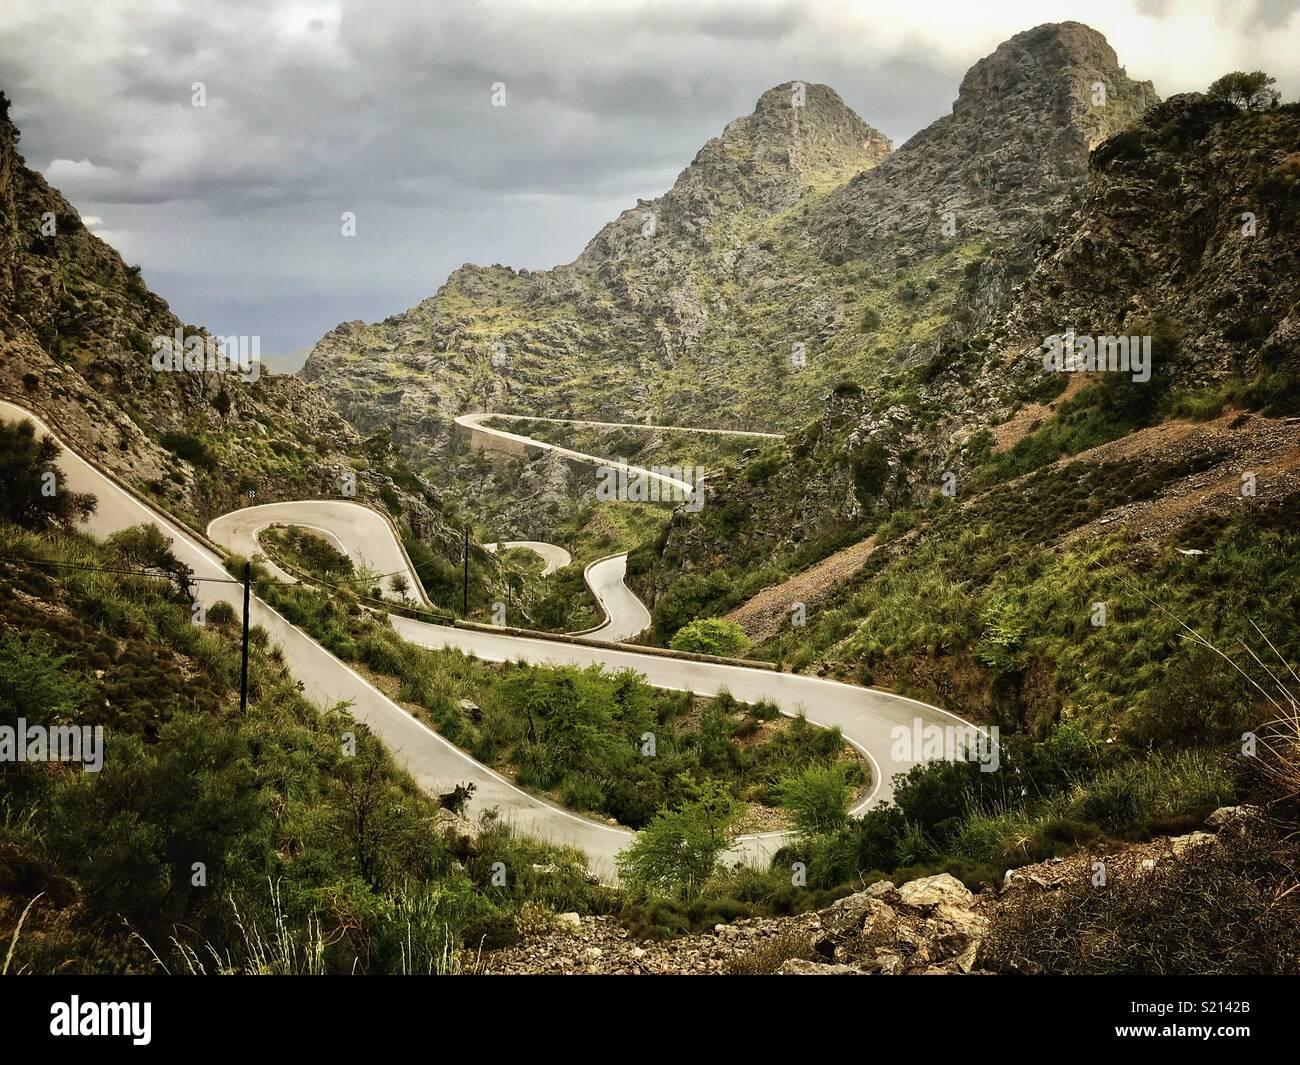 Sa Calobra road in Mallorca - Stock Image